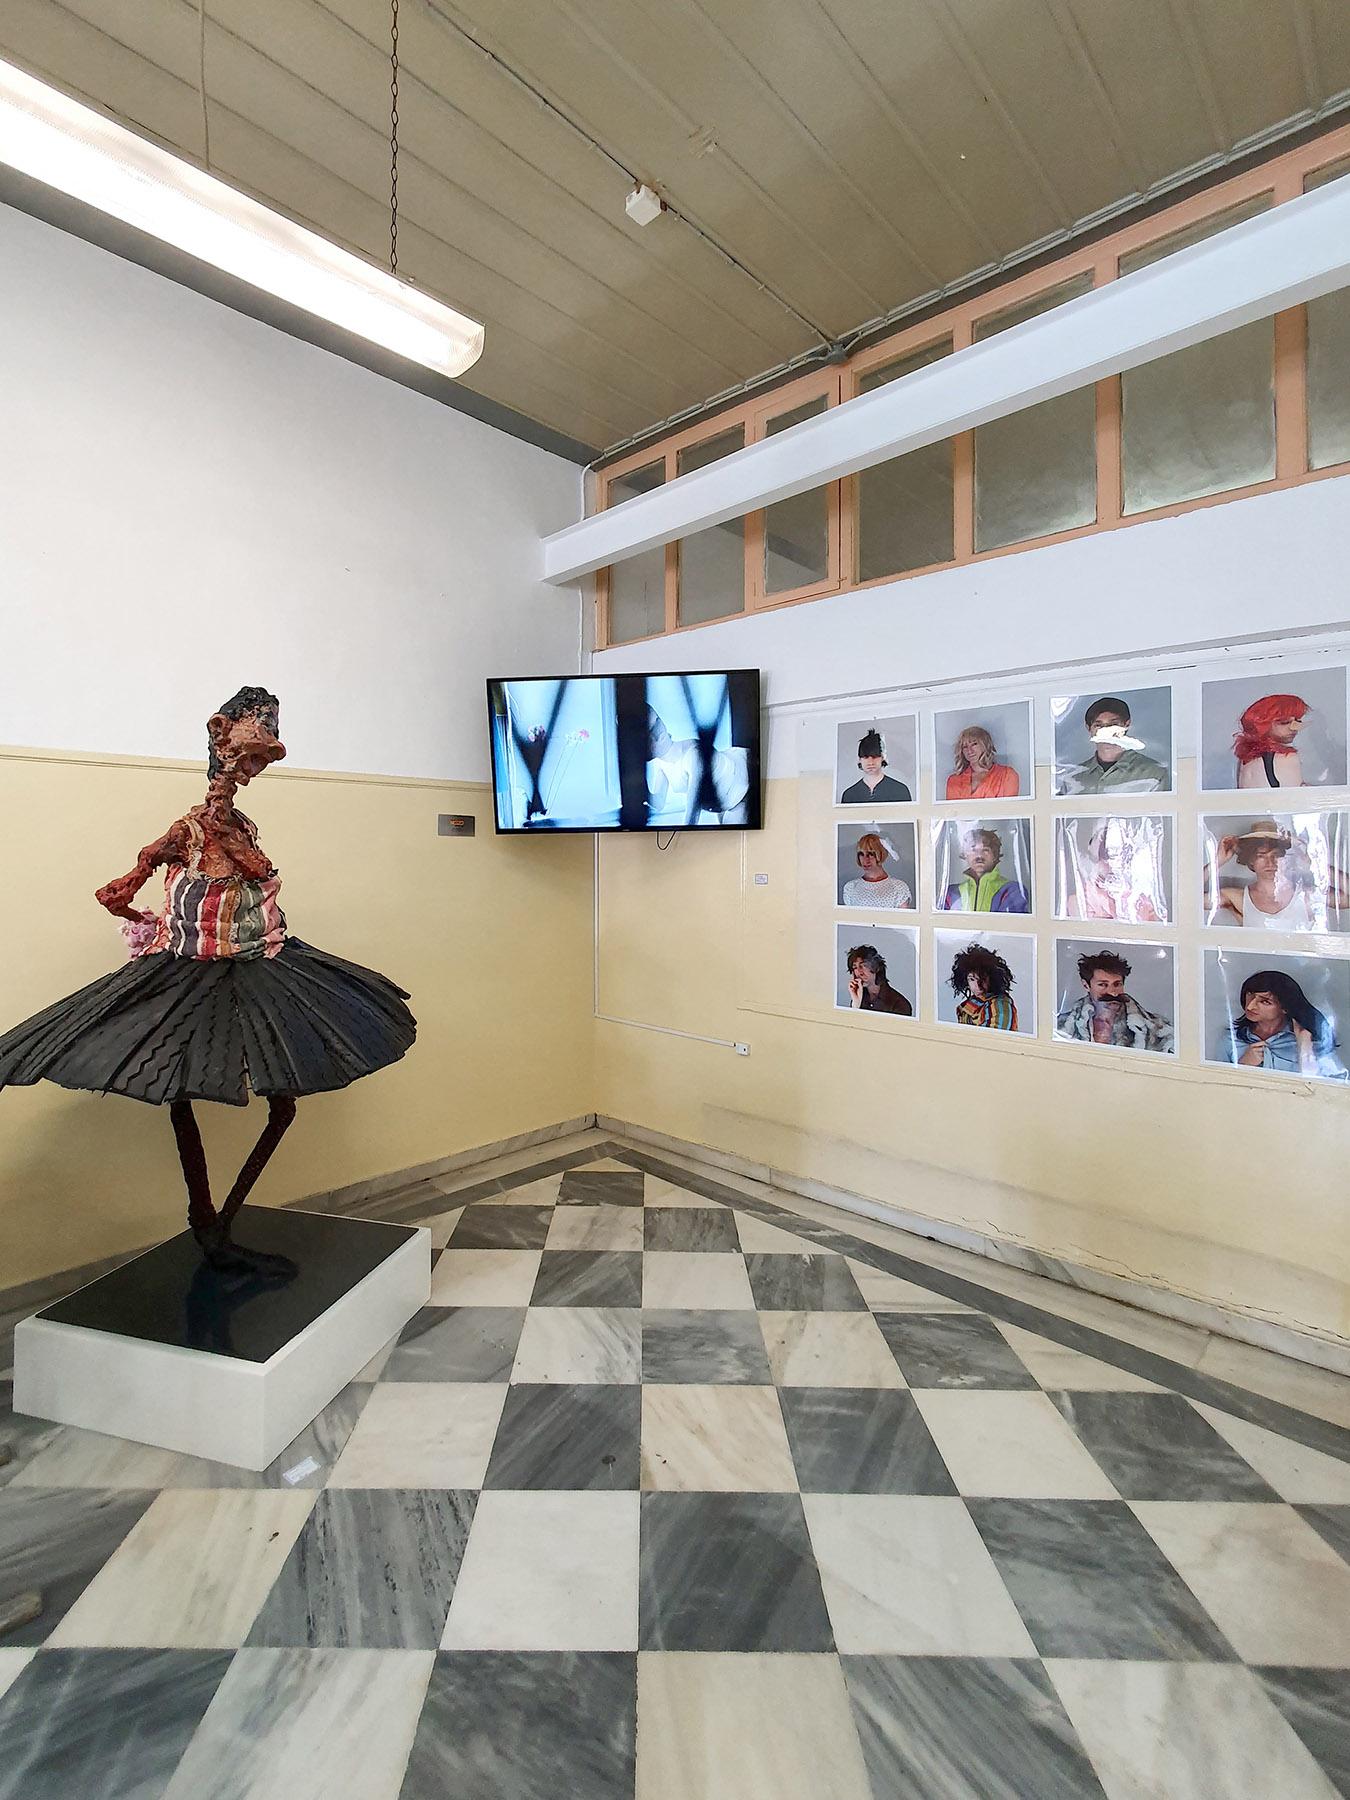 hauser und wirth, mike kelley, american artist, sculpture, installation, greek island